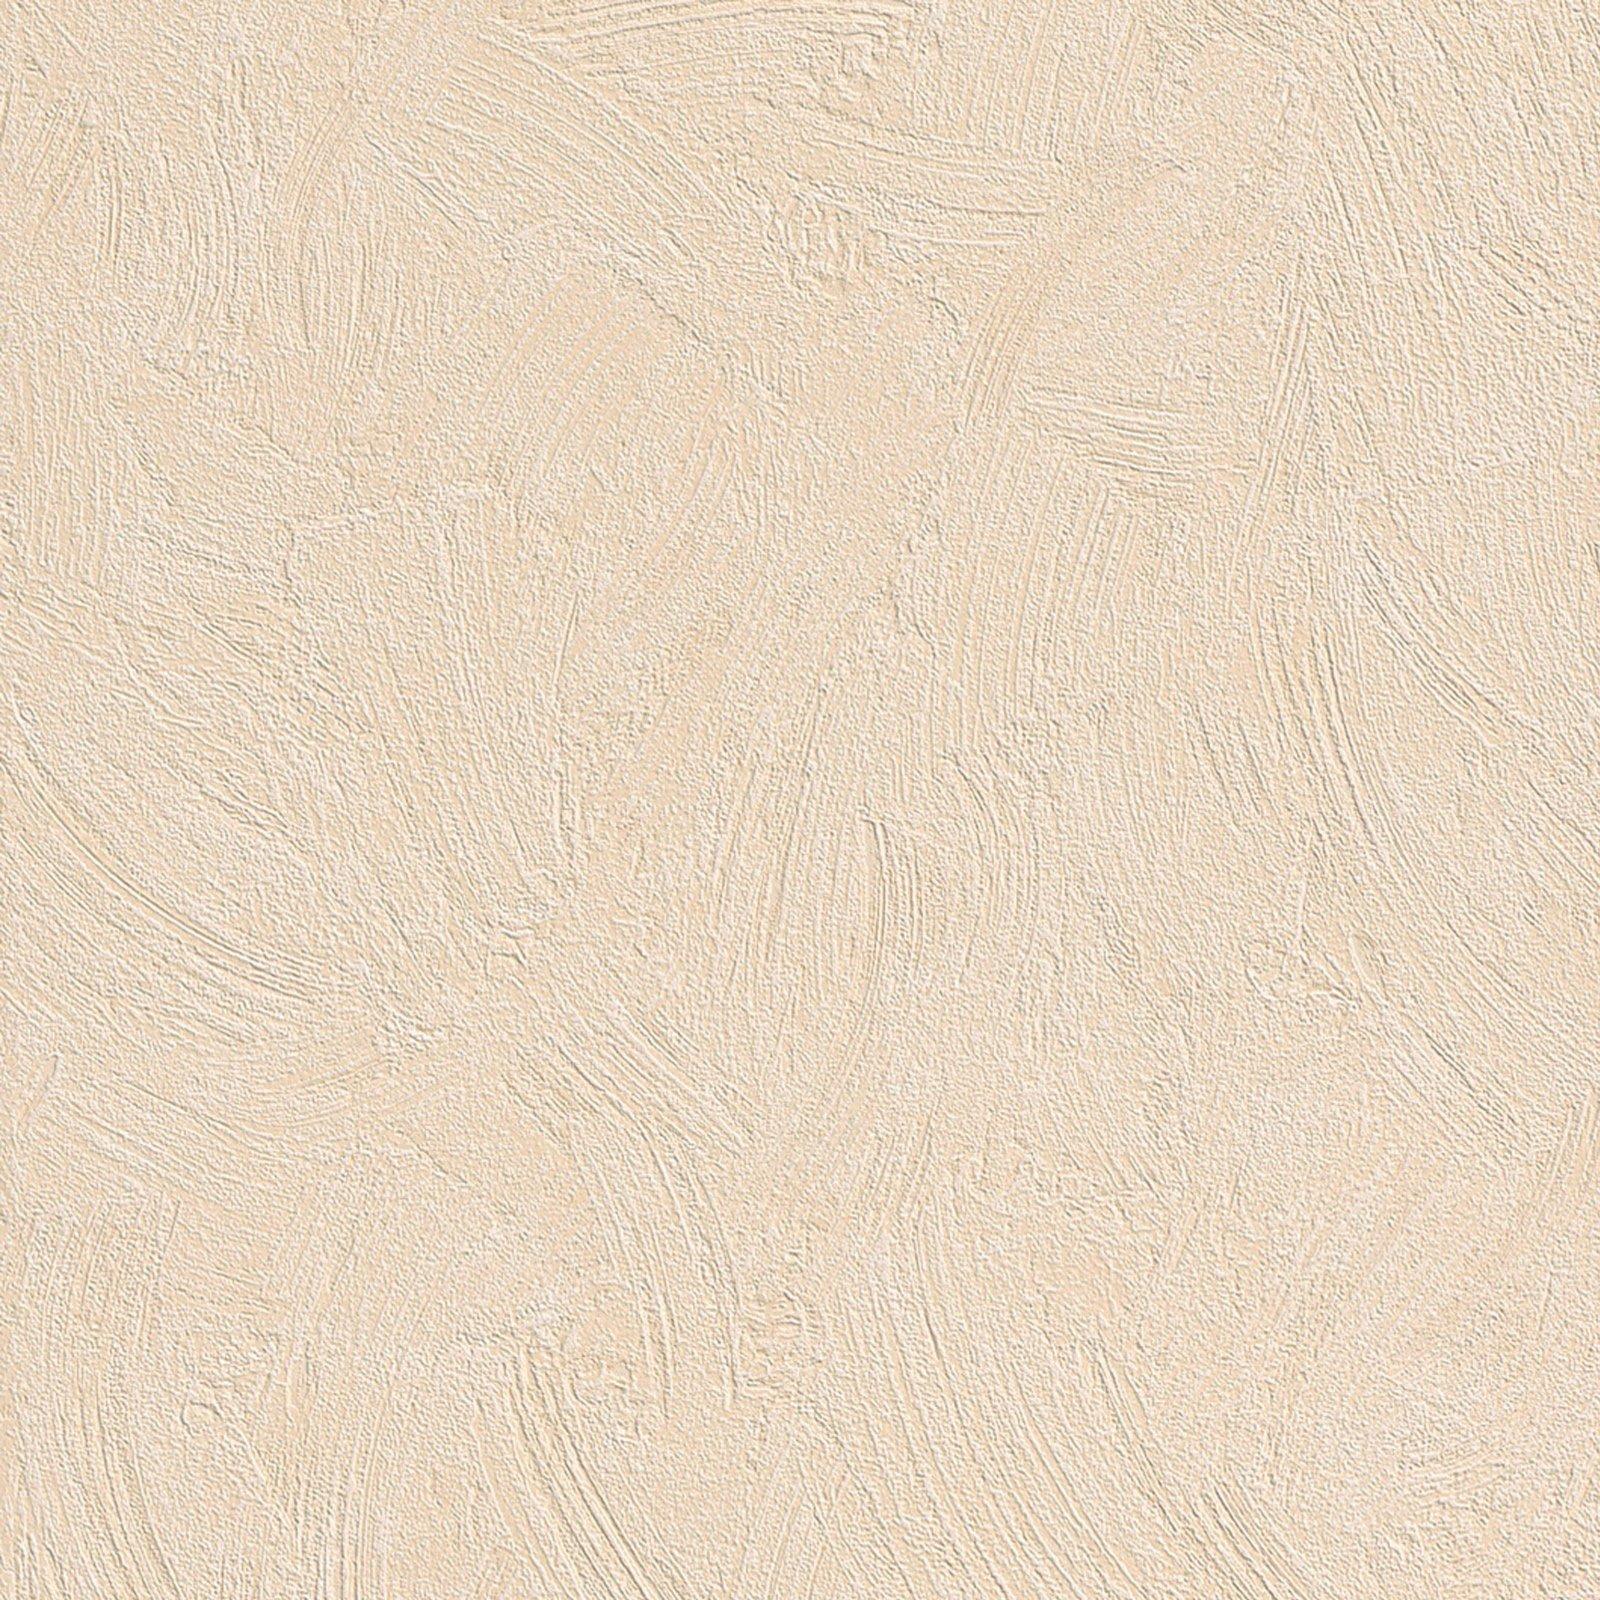 Vliestapete apricot putzstruktur vliestapeten for Tapeten roller